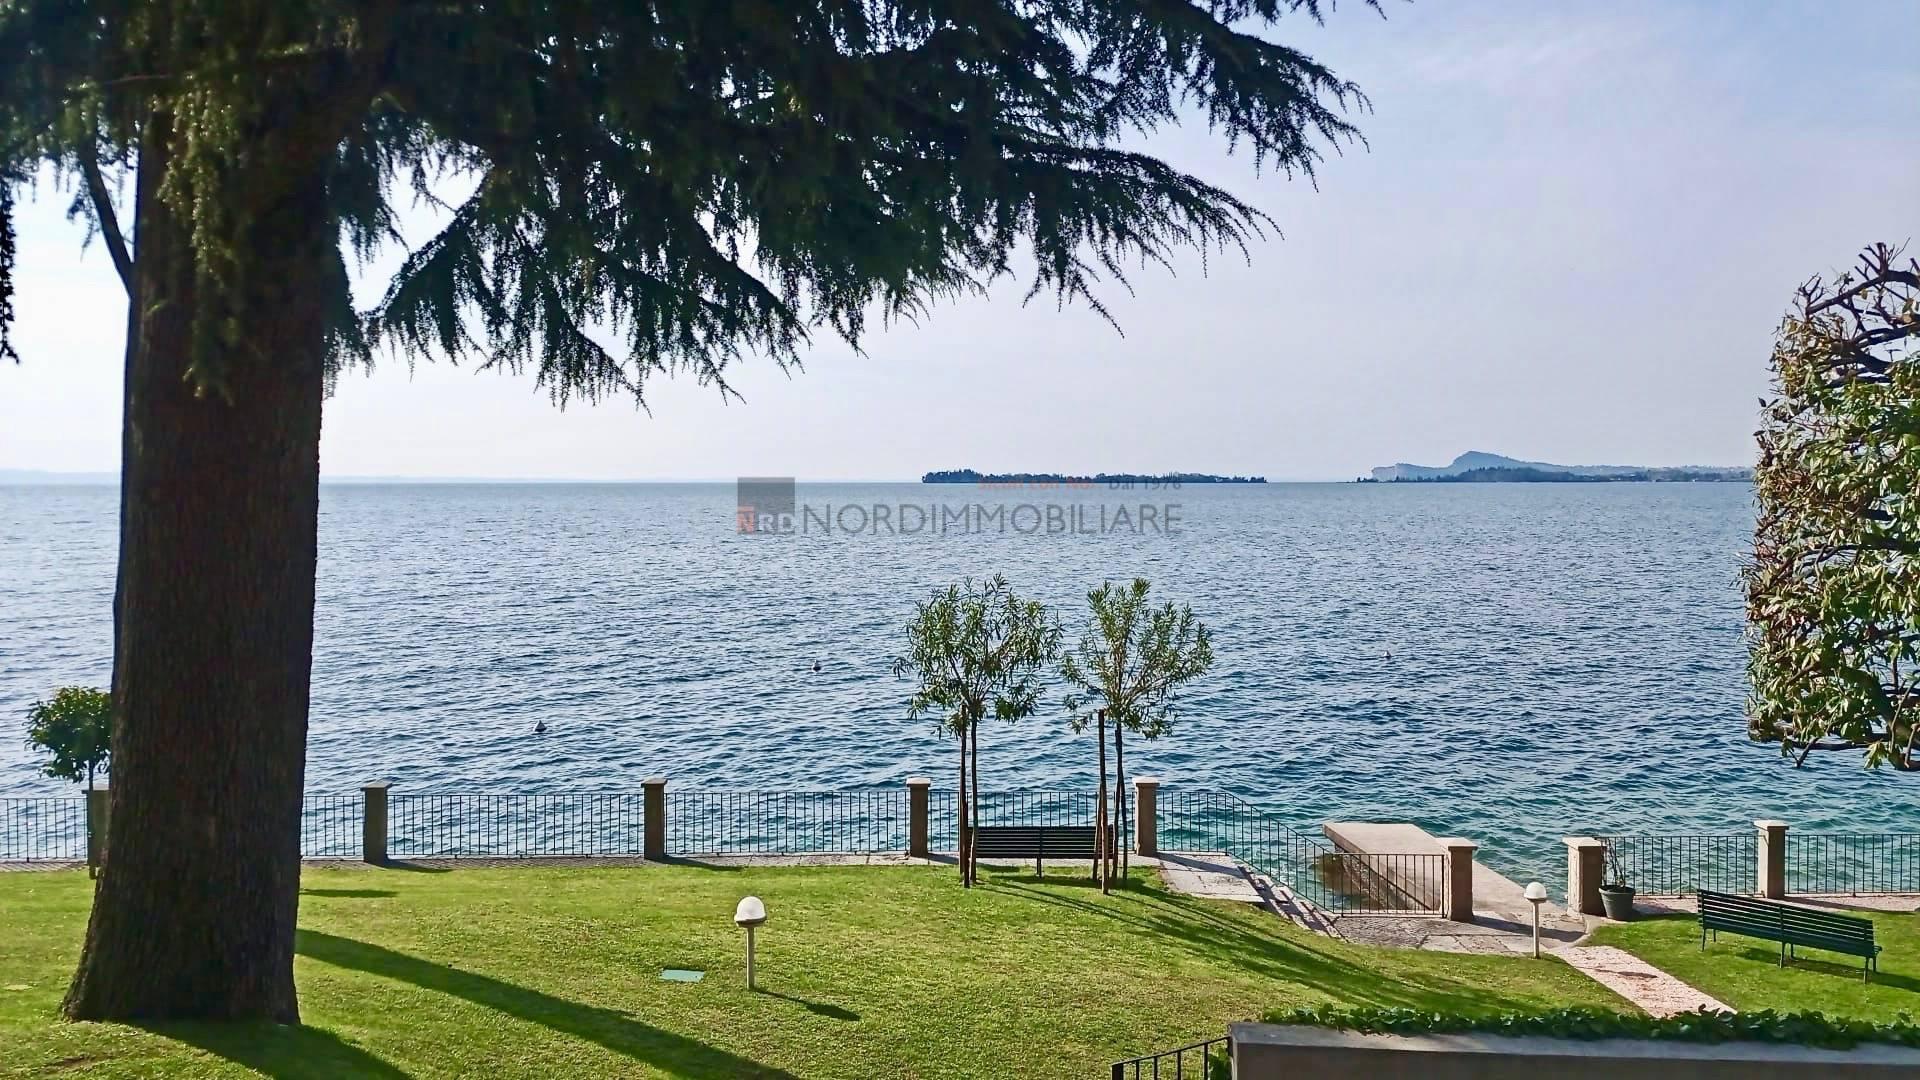 Appartamento in vendita a Gardone Riviera, 2 locali, zona Località: FasanoSotto, prezzo € 265.000 | CambioCasa.it